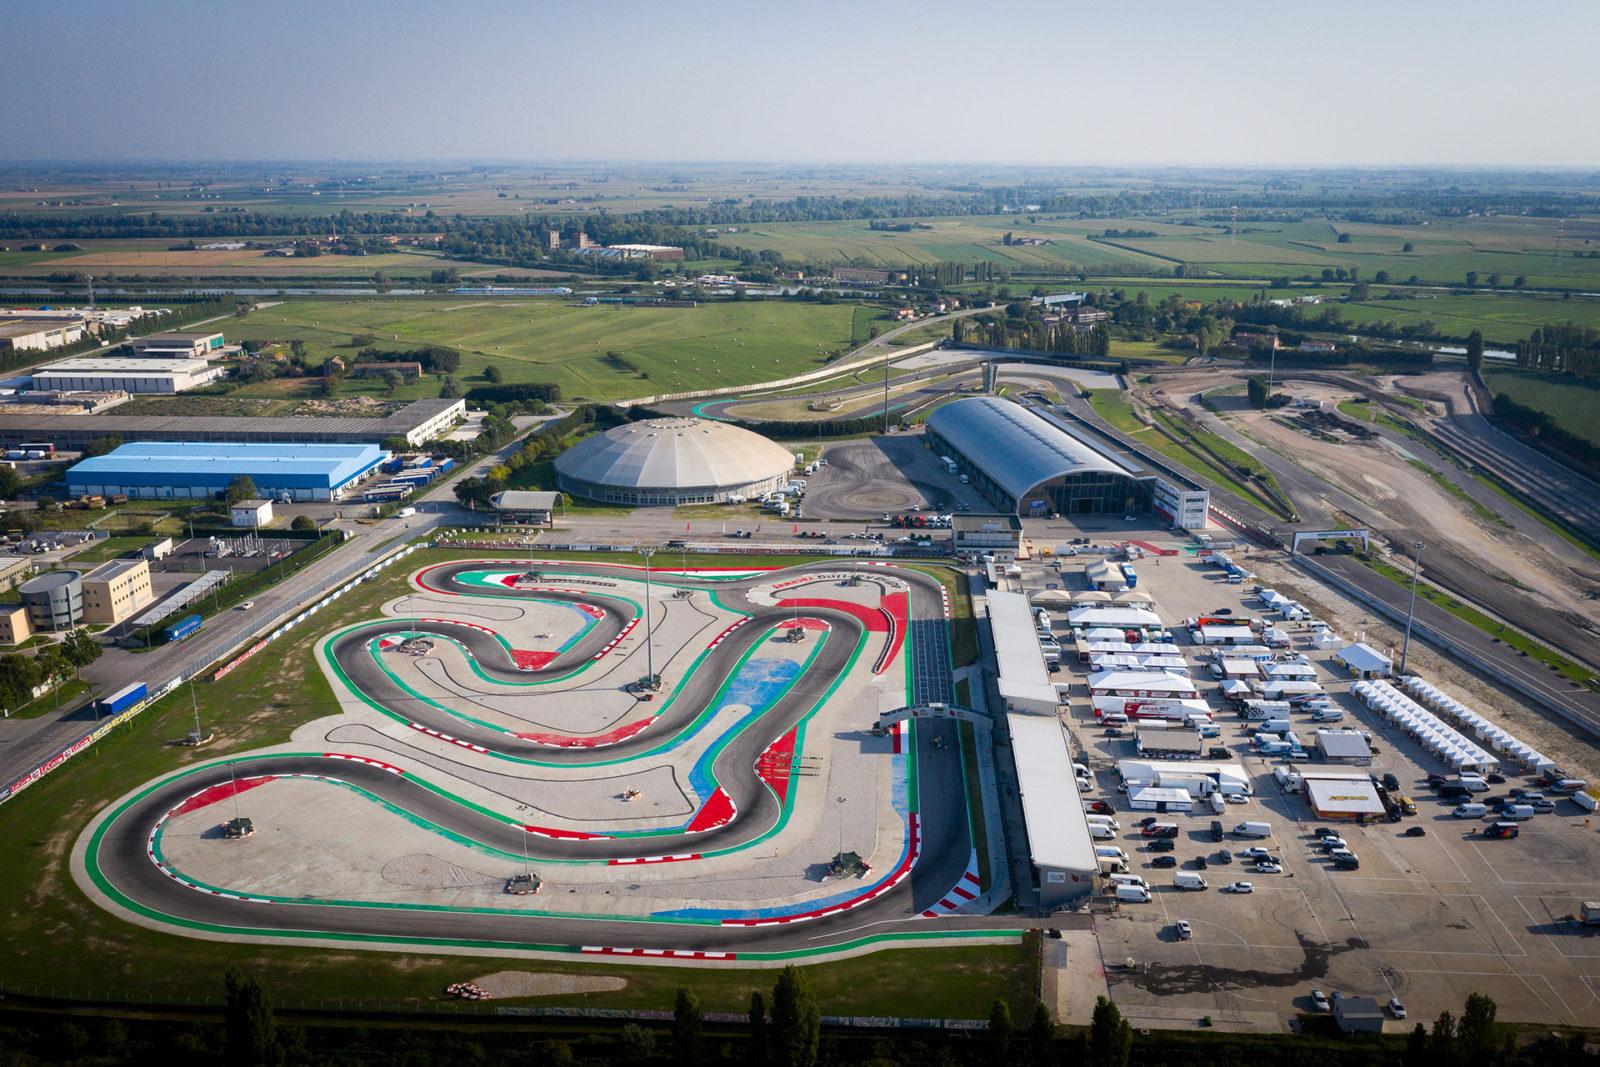 Aerial of Adria karting circuit